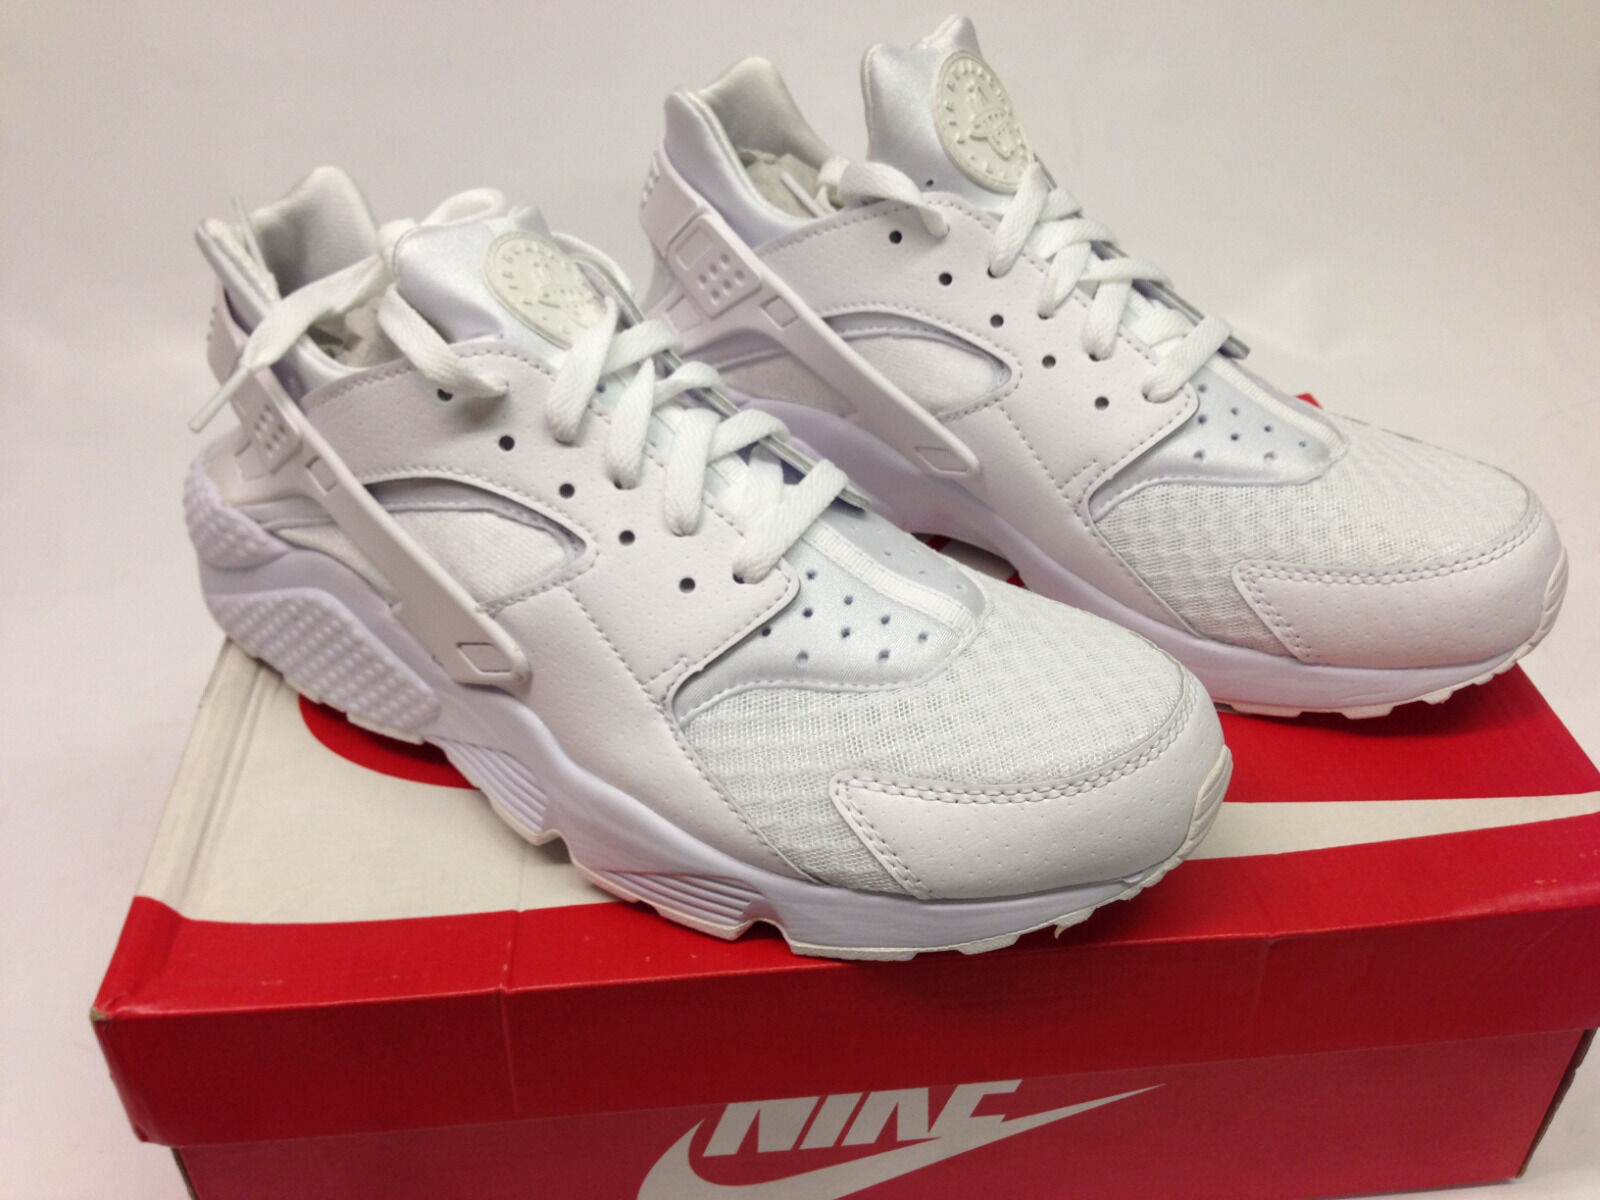 NEW Men's Nike Air Huarache Running Shoes - Sizes 9  - 13 - White/White/White